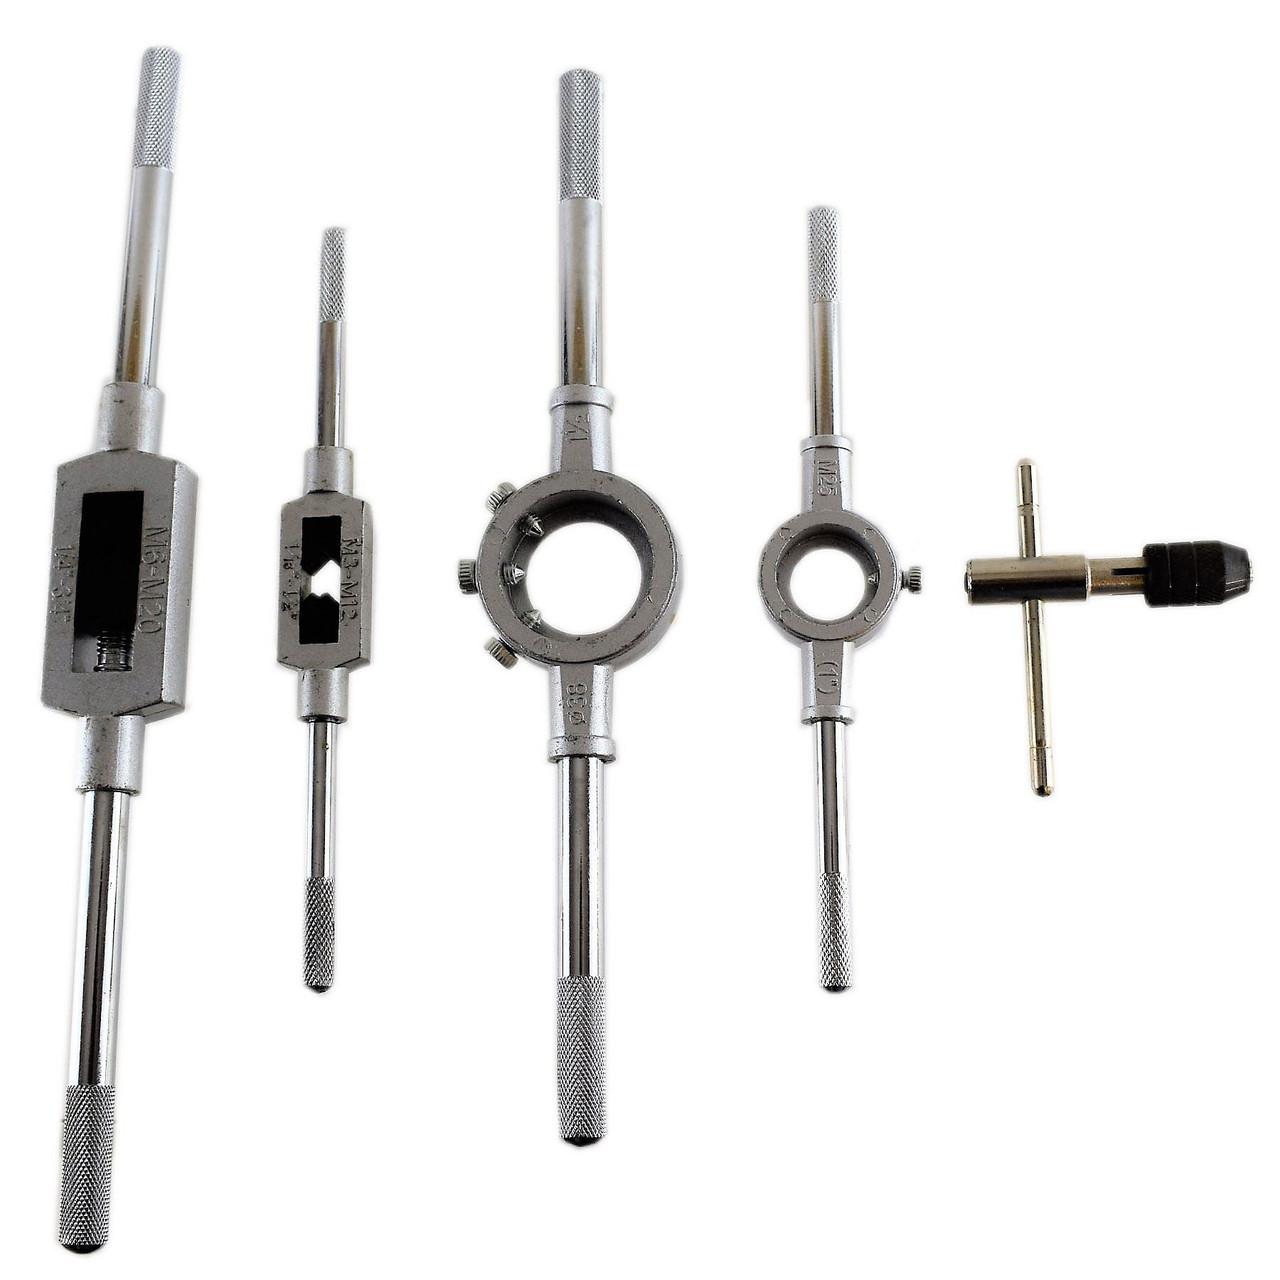 New 20mm Diamete Die Stock Wrench Holder Threading Tool 195mm Long